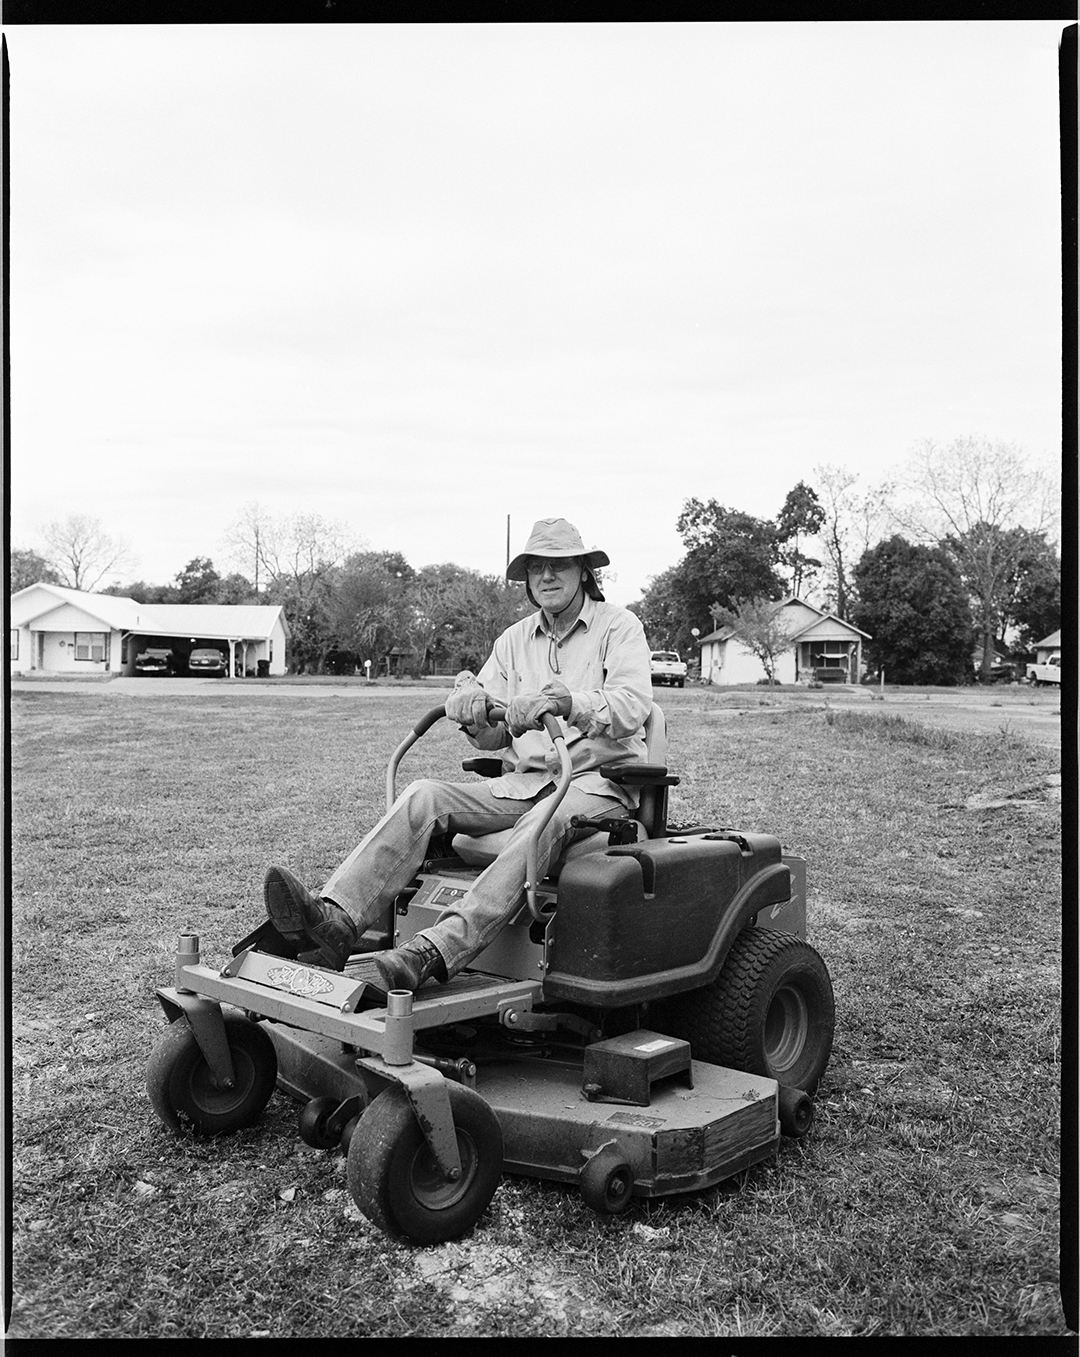 James - Luling, TX, 2019 / Kodak TriX400 / 65mm lens at f8